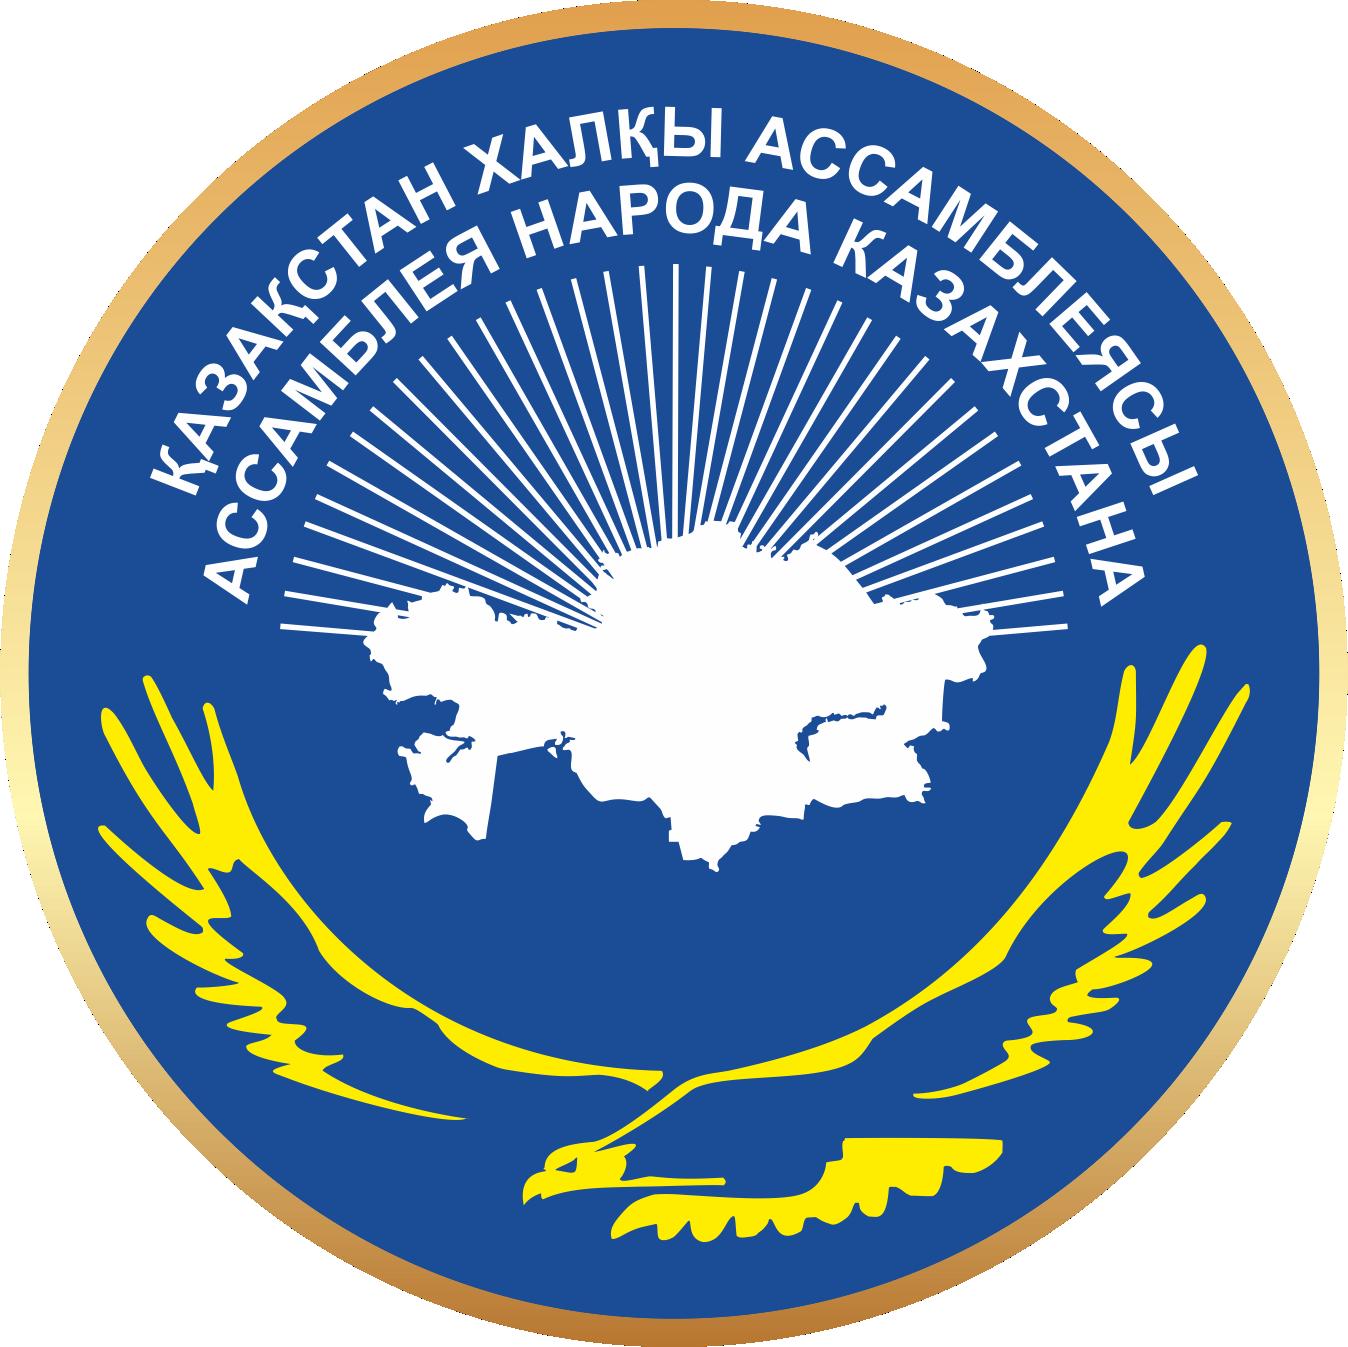 Ассамблея народа Казахстана выражает соболезнования родным и близким погибших в беспорядках в Кордайском районе